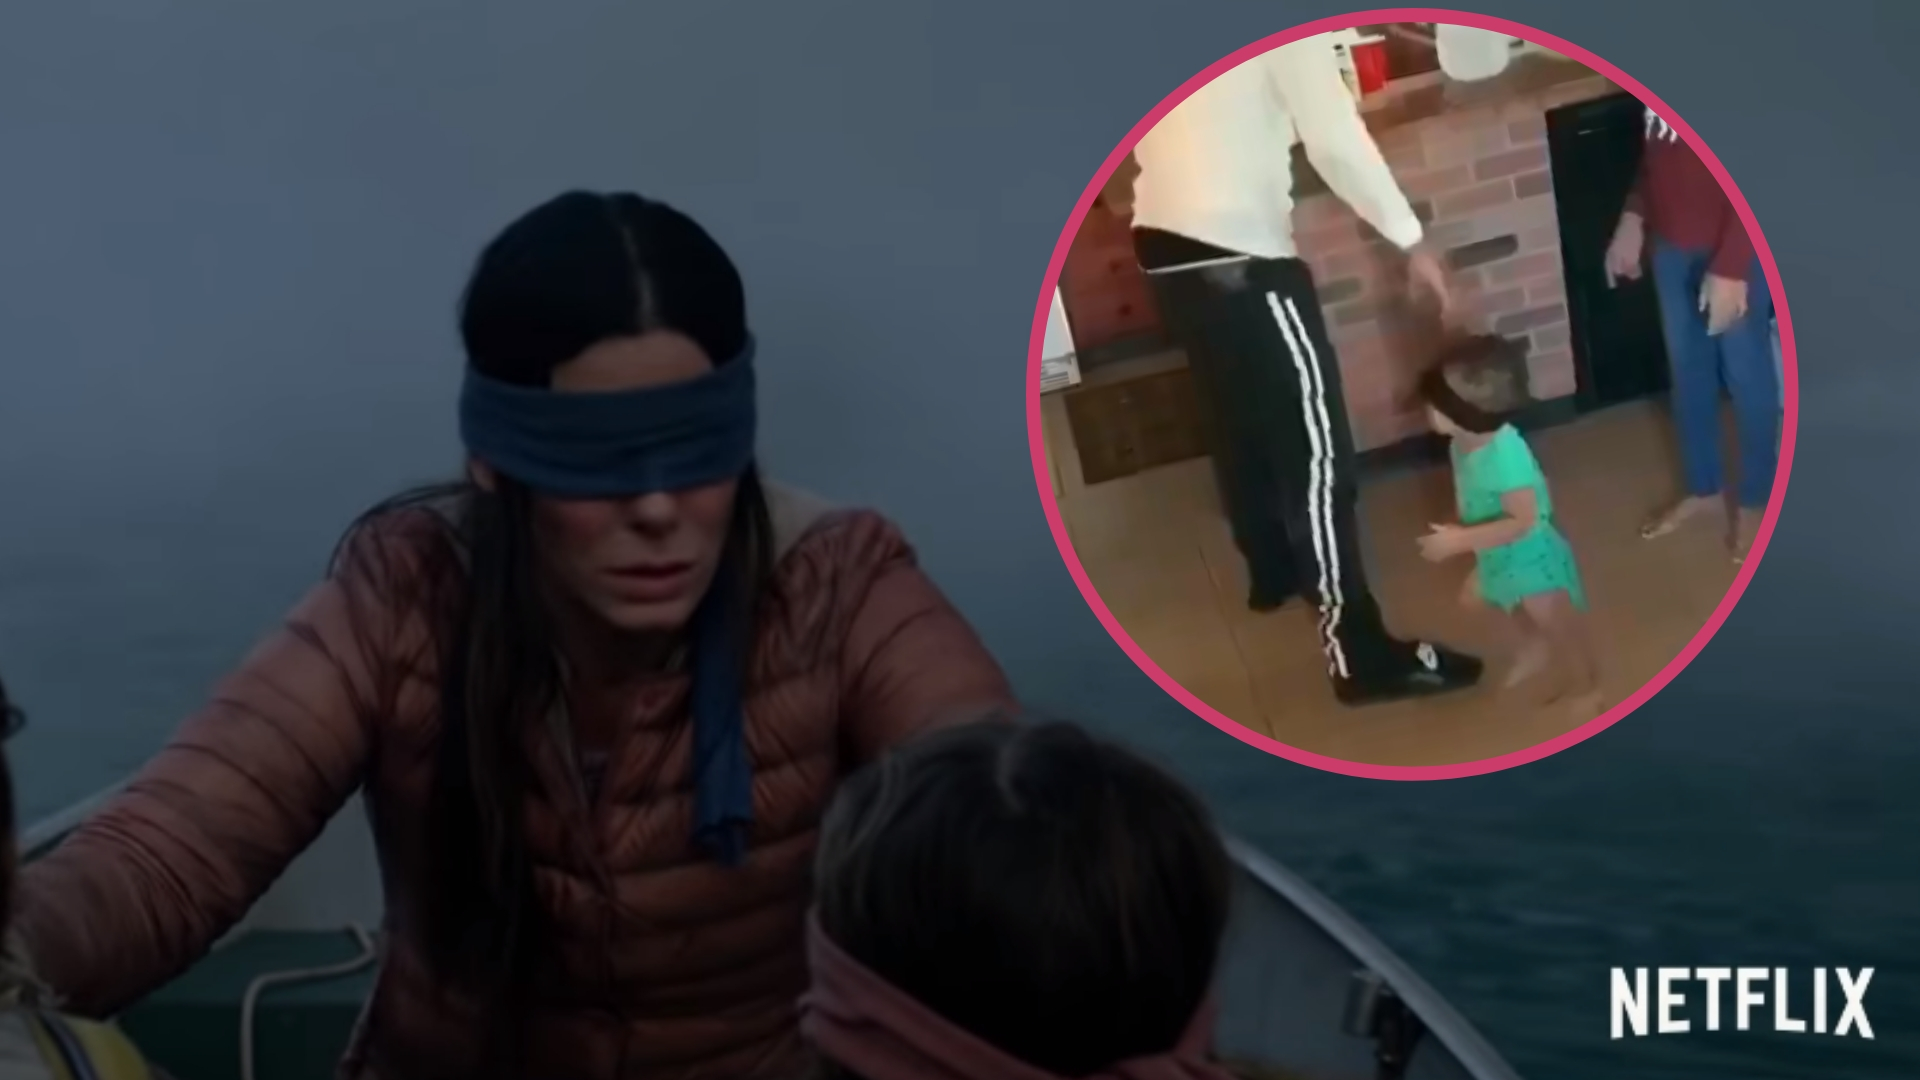 Bird Box Challenge: ludzie zaczęli robić to co w filmie. Skutki są tragiczne!